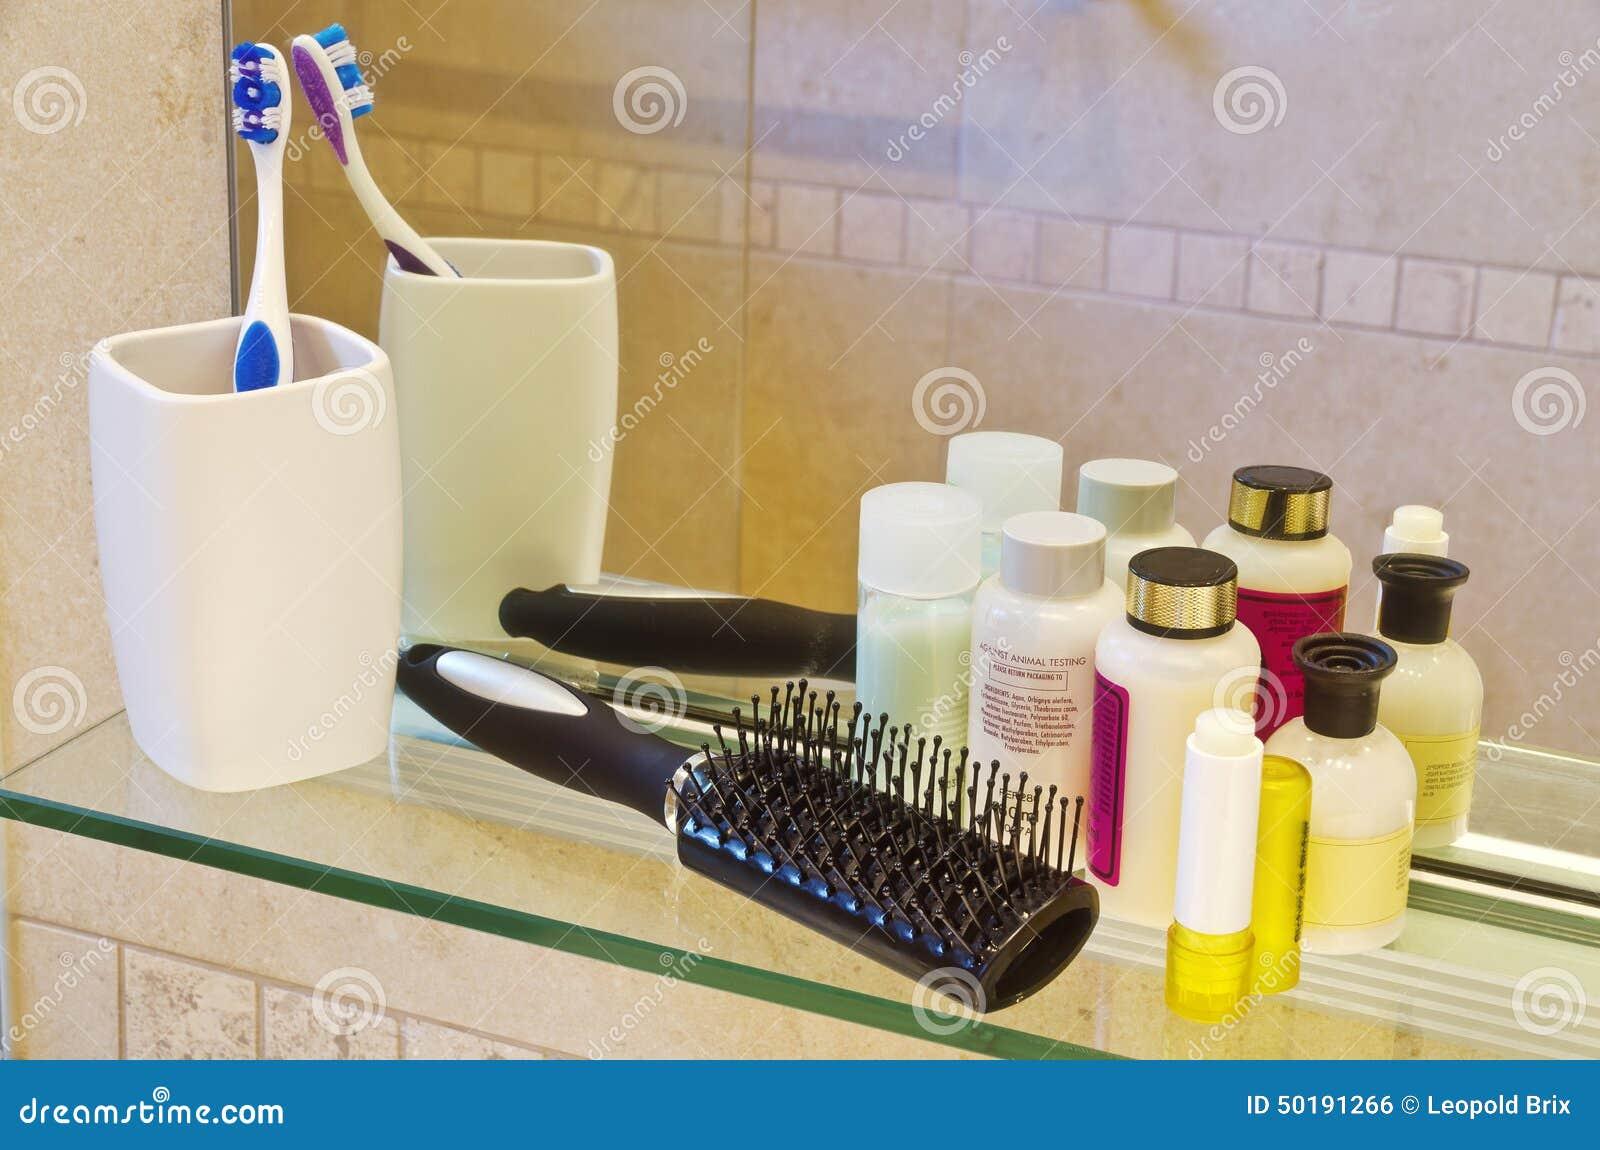 Produits de soin personnel une salle de bain photo stock - Produit salle de bain ...